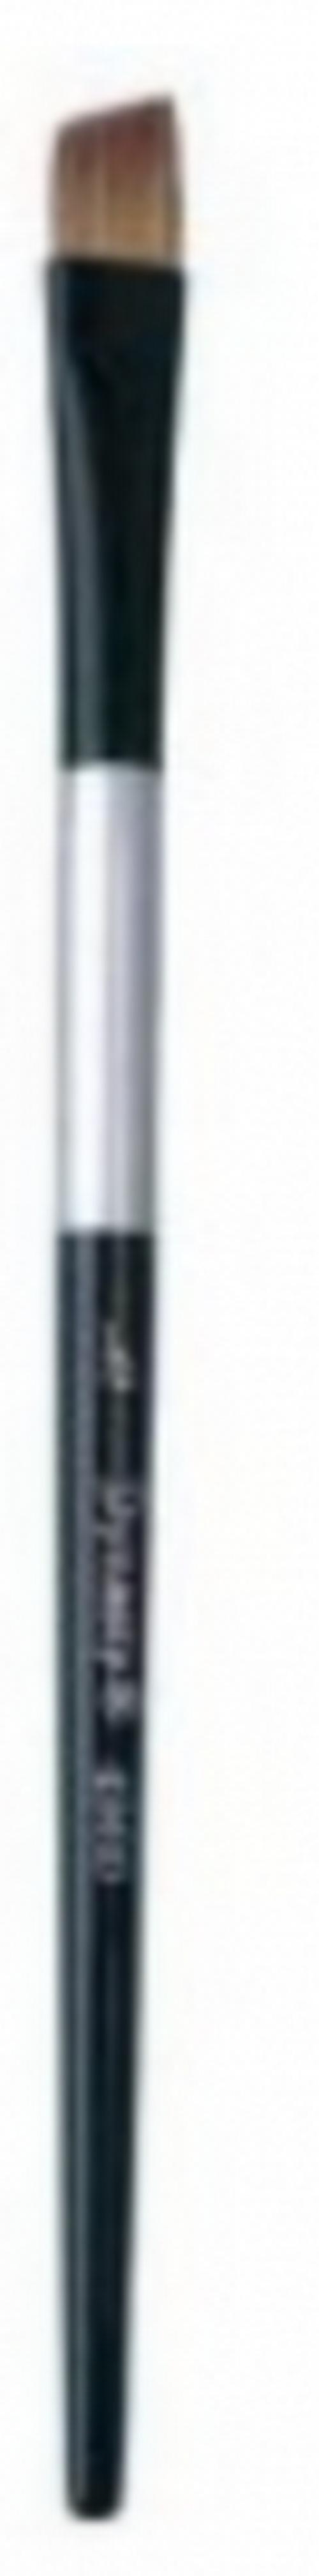 Black Silver Manche régulier - Angulaire